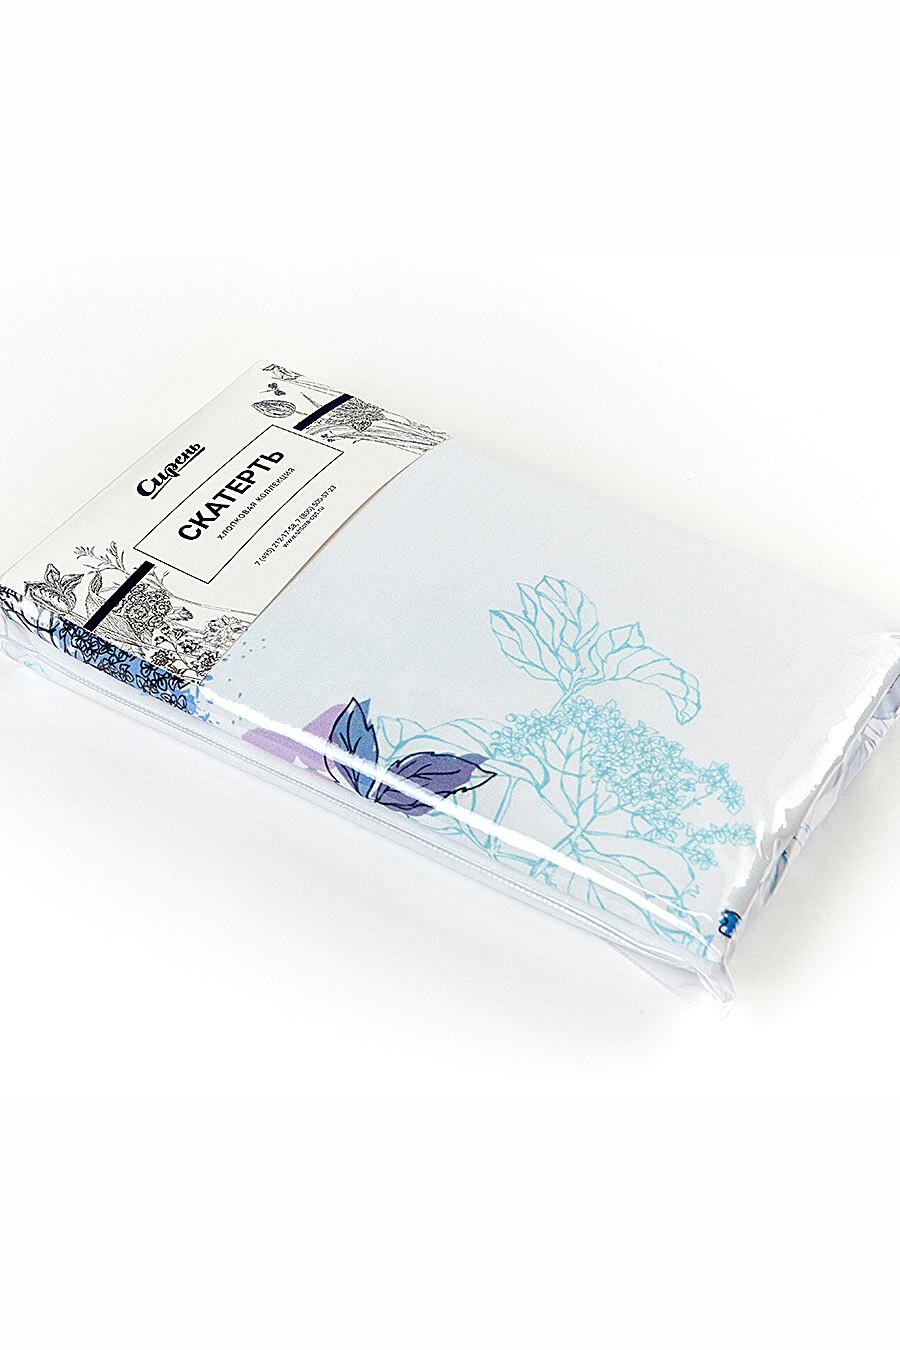 Скатерть прямоугольня для дома ART HOME TEXTILE 121265 купить оптом от производителя. Совместная покупка товаров для дома в OptMoyo